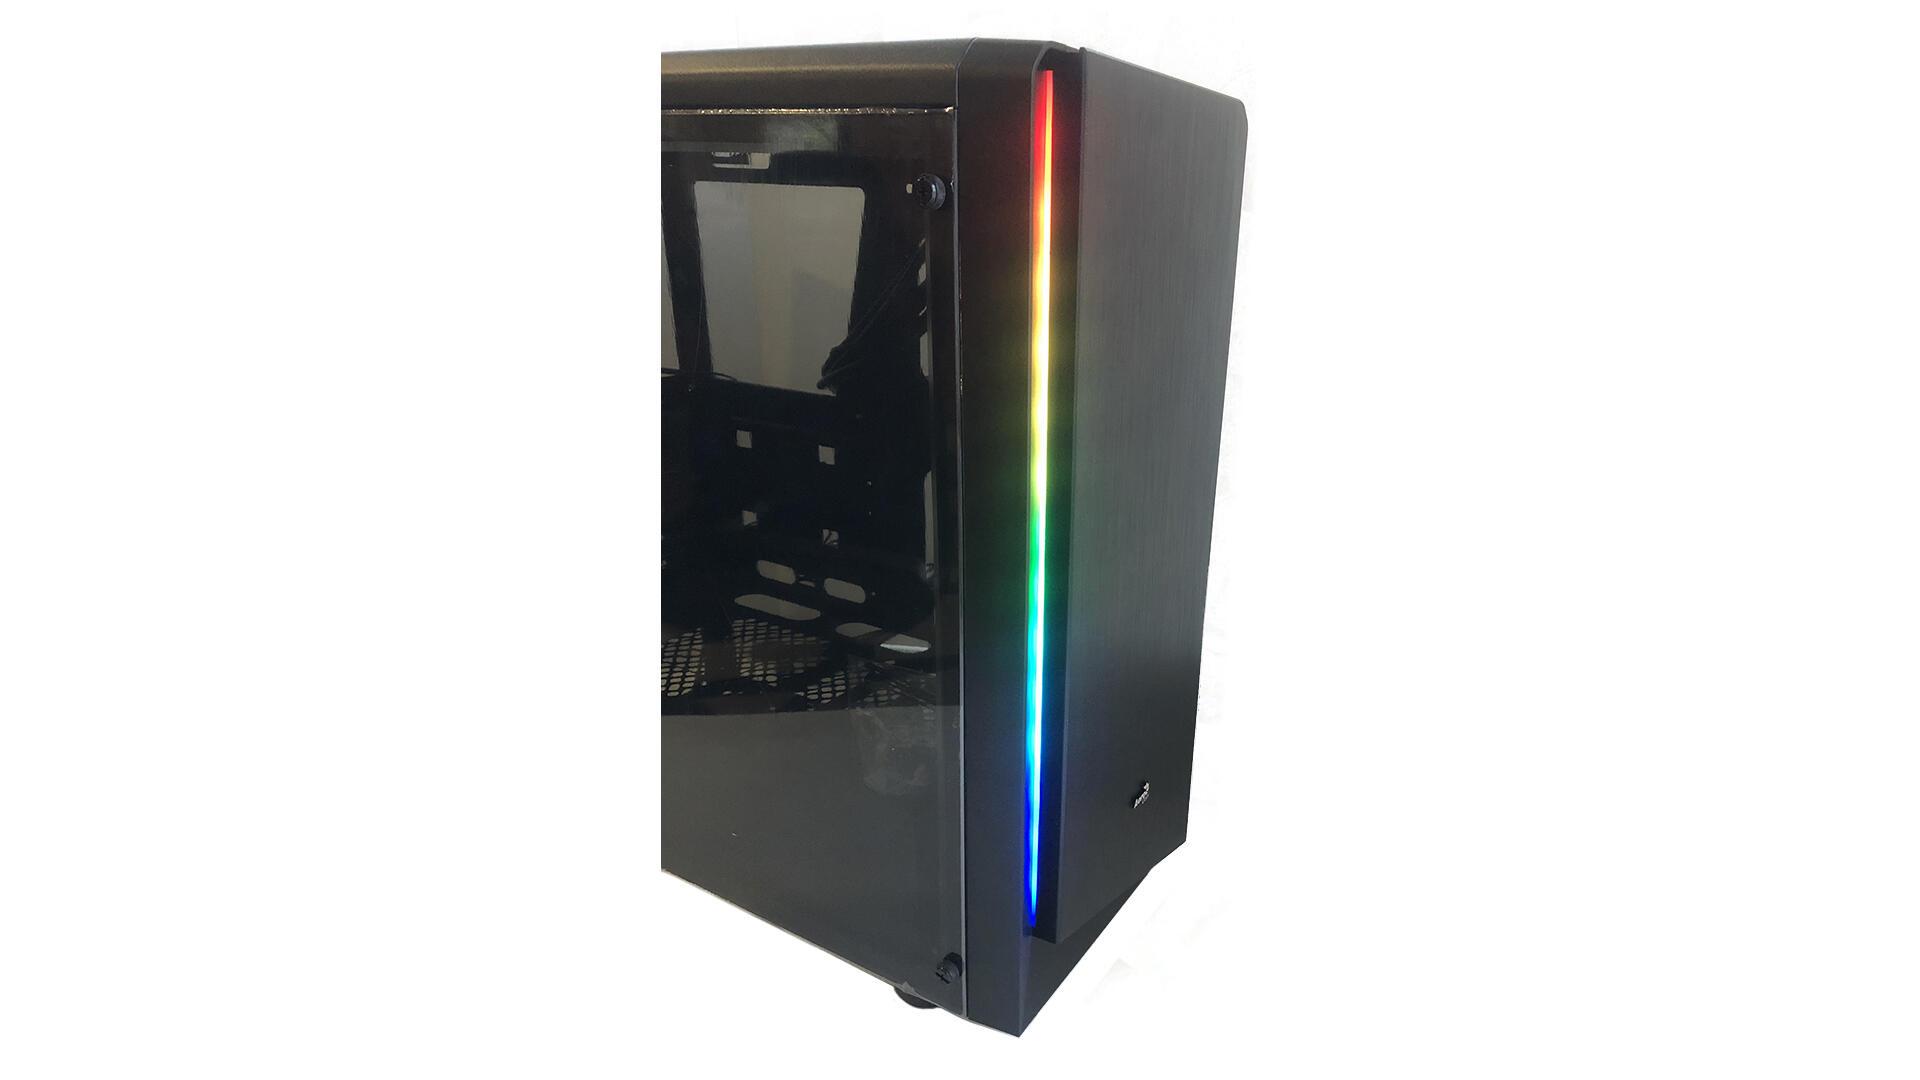 Kompyutery i komplektuyushcie - Aerocool Rift RGB - Stilno, modno , RGB